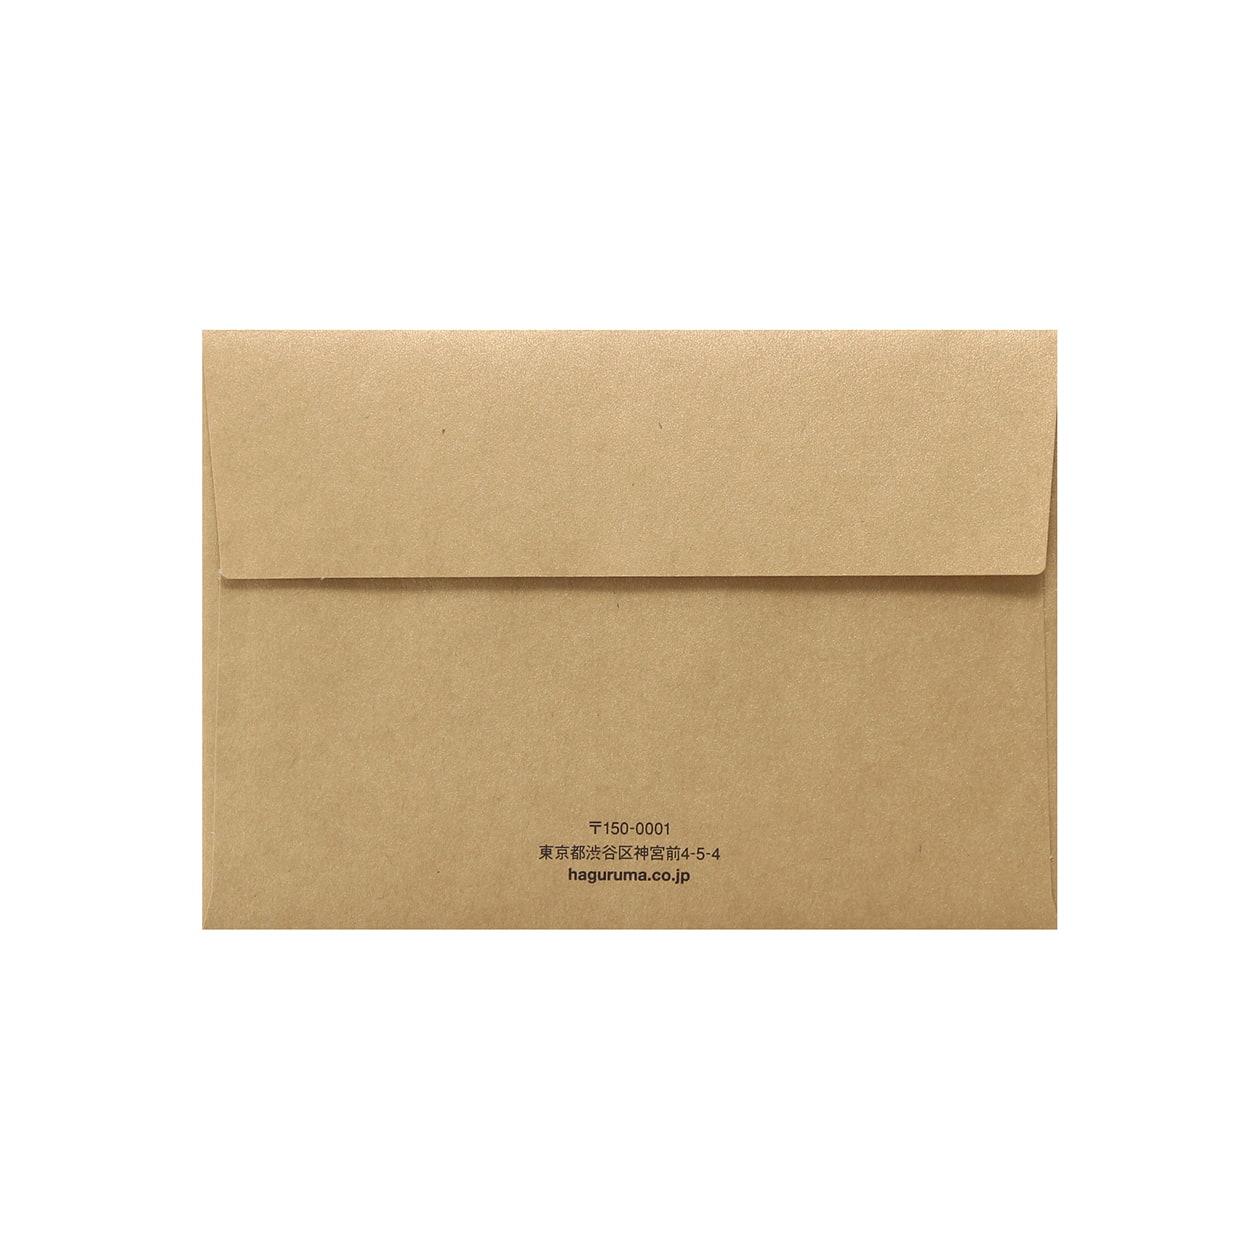 サンプル 封筒・袋 00038